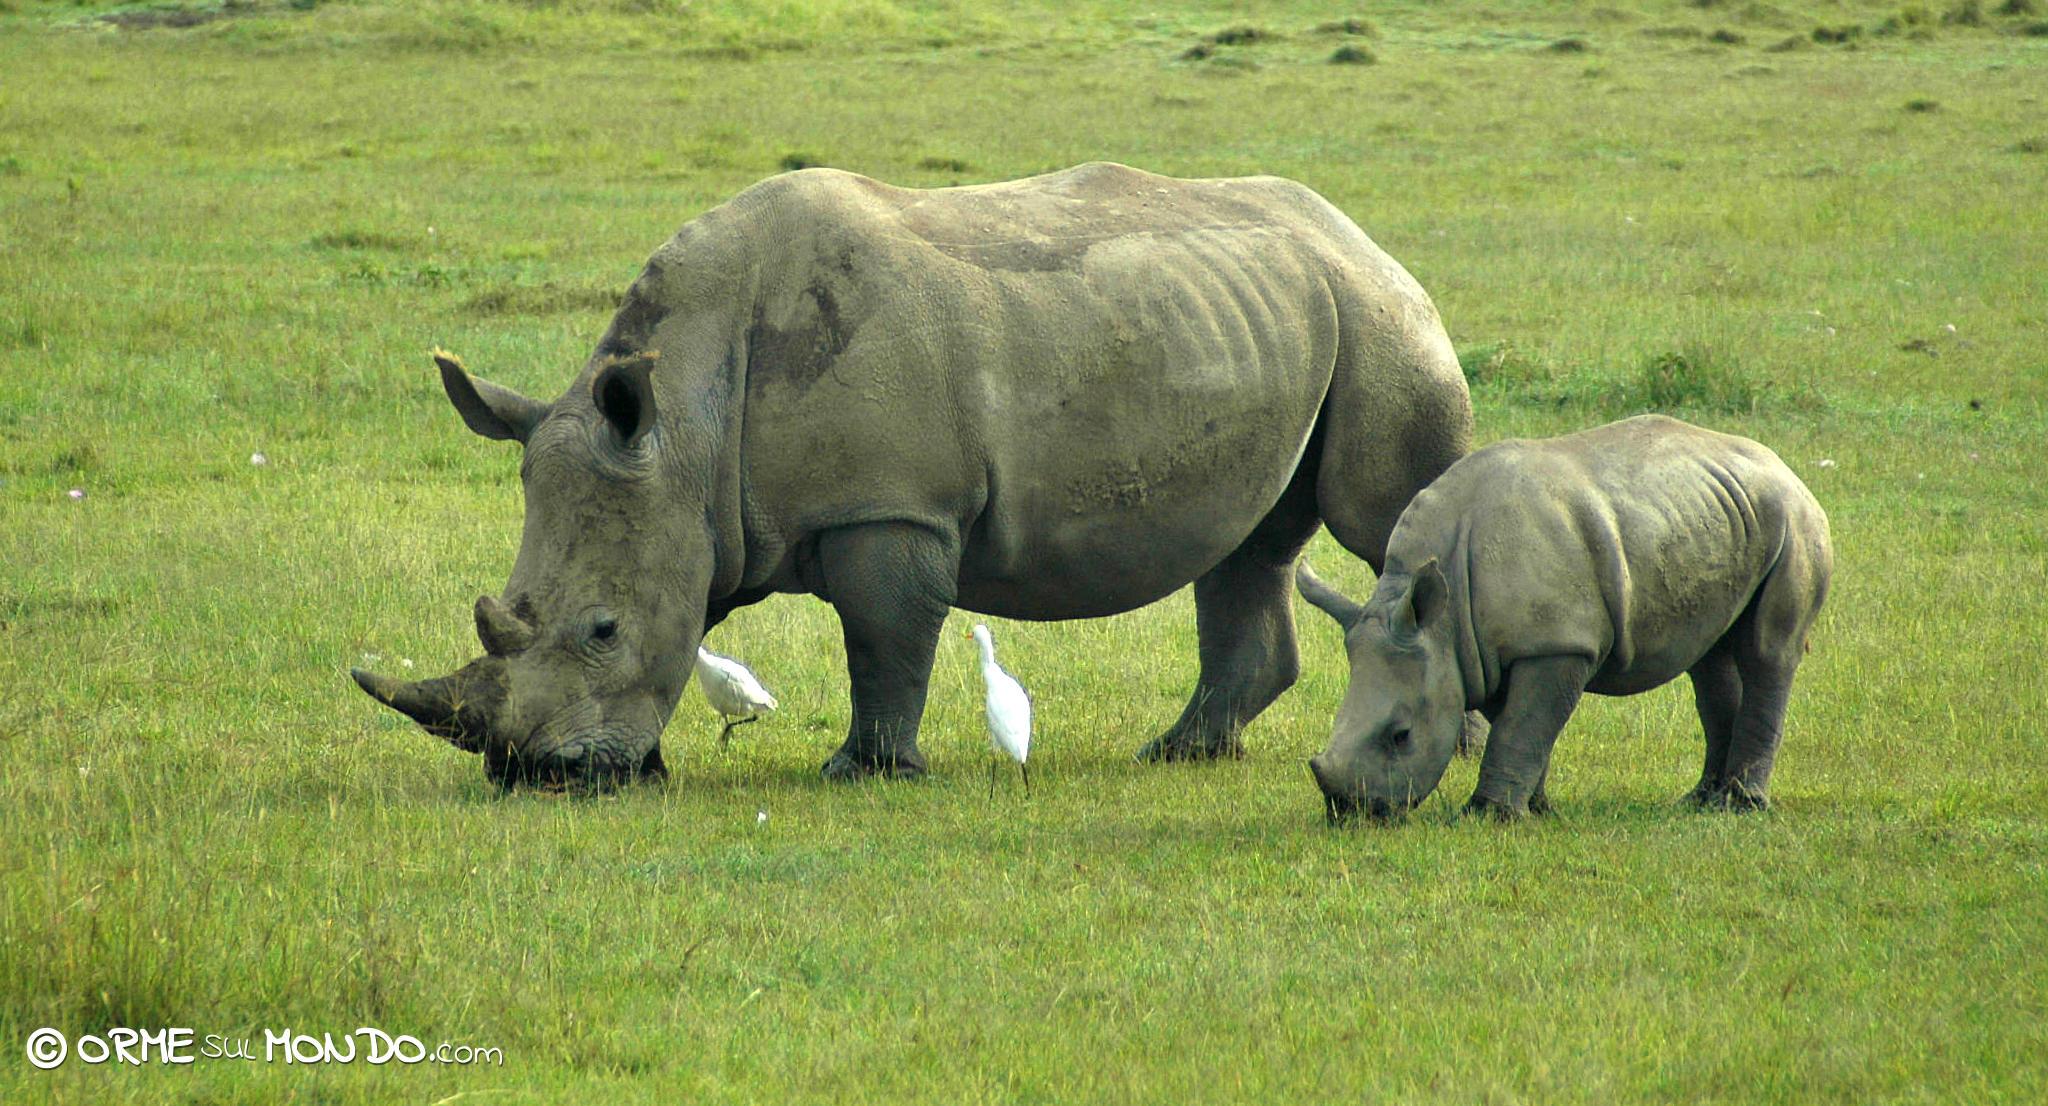 Al lago Nakuru risultano presenti più di 25 rinoceronti neri (una delle più grandi concentrazioni del Paese), e circa 70 rinoceronti bianchi